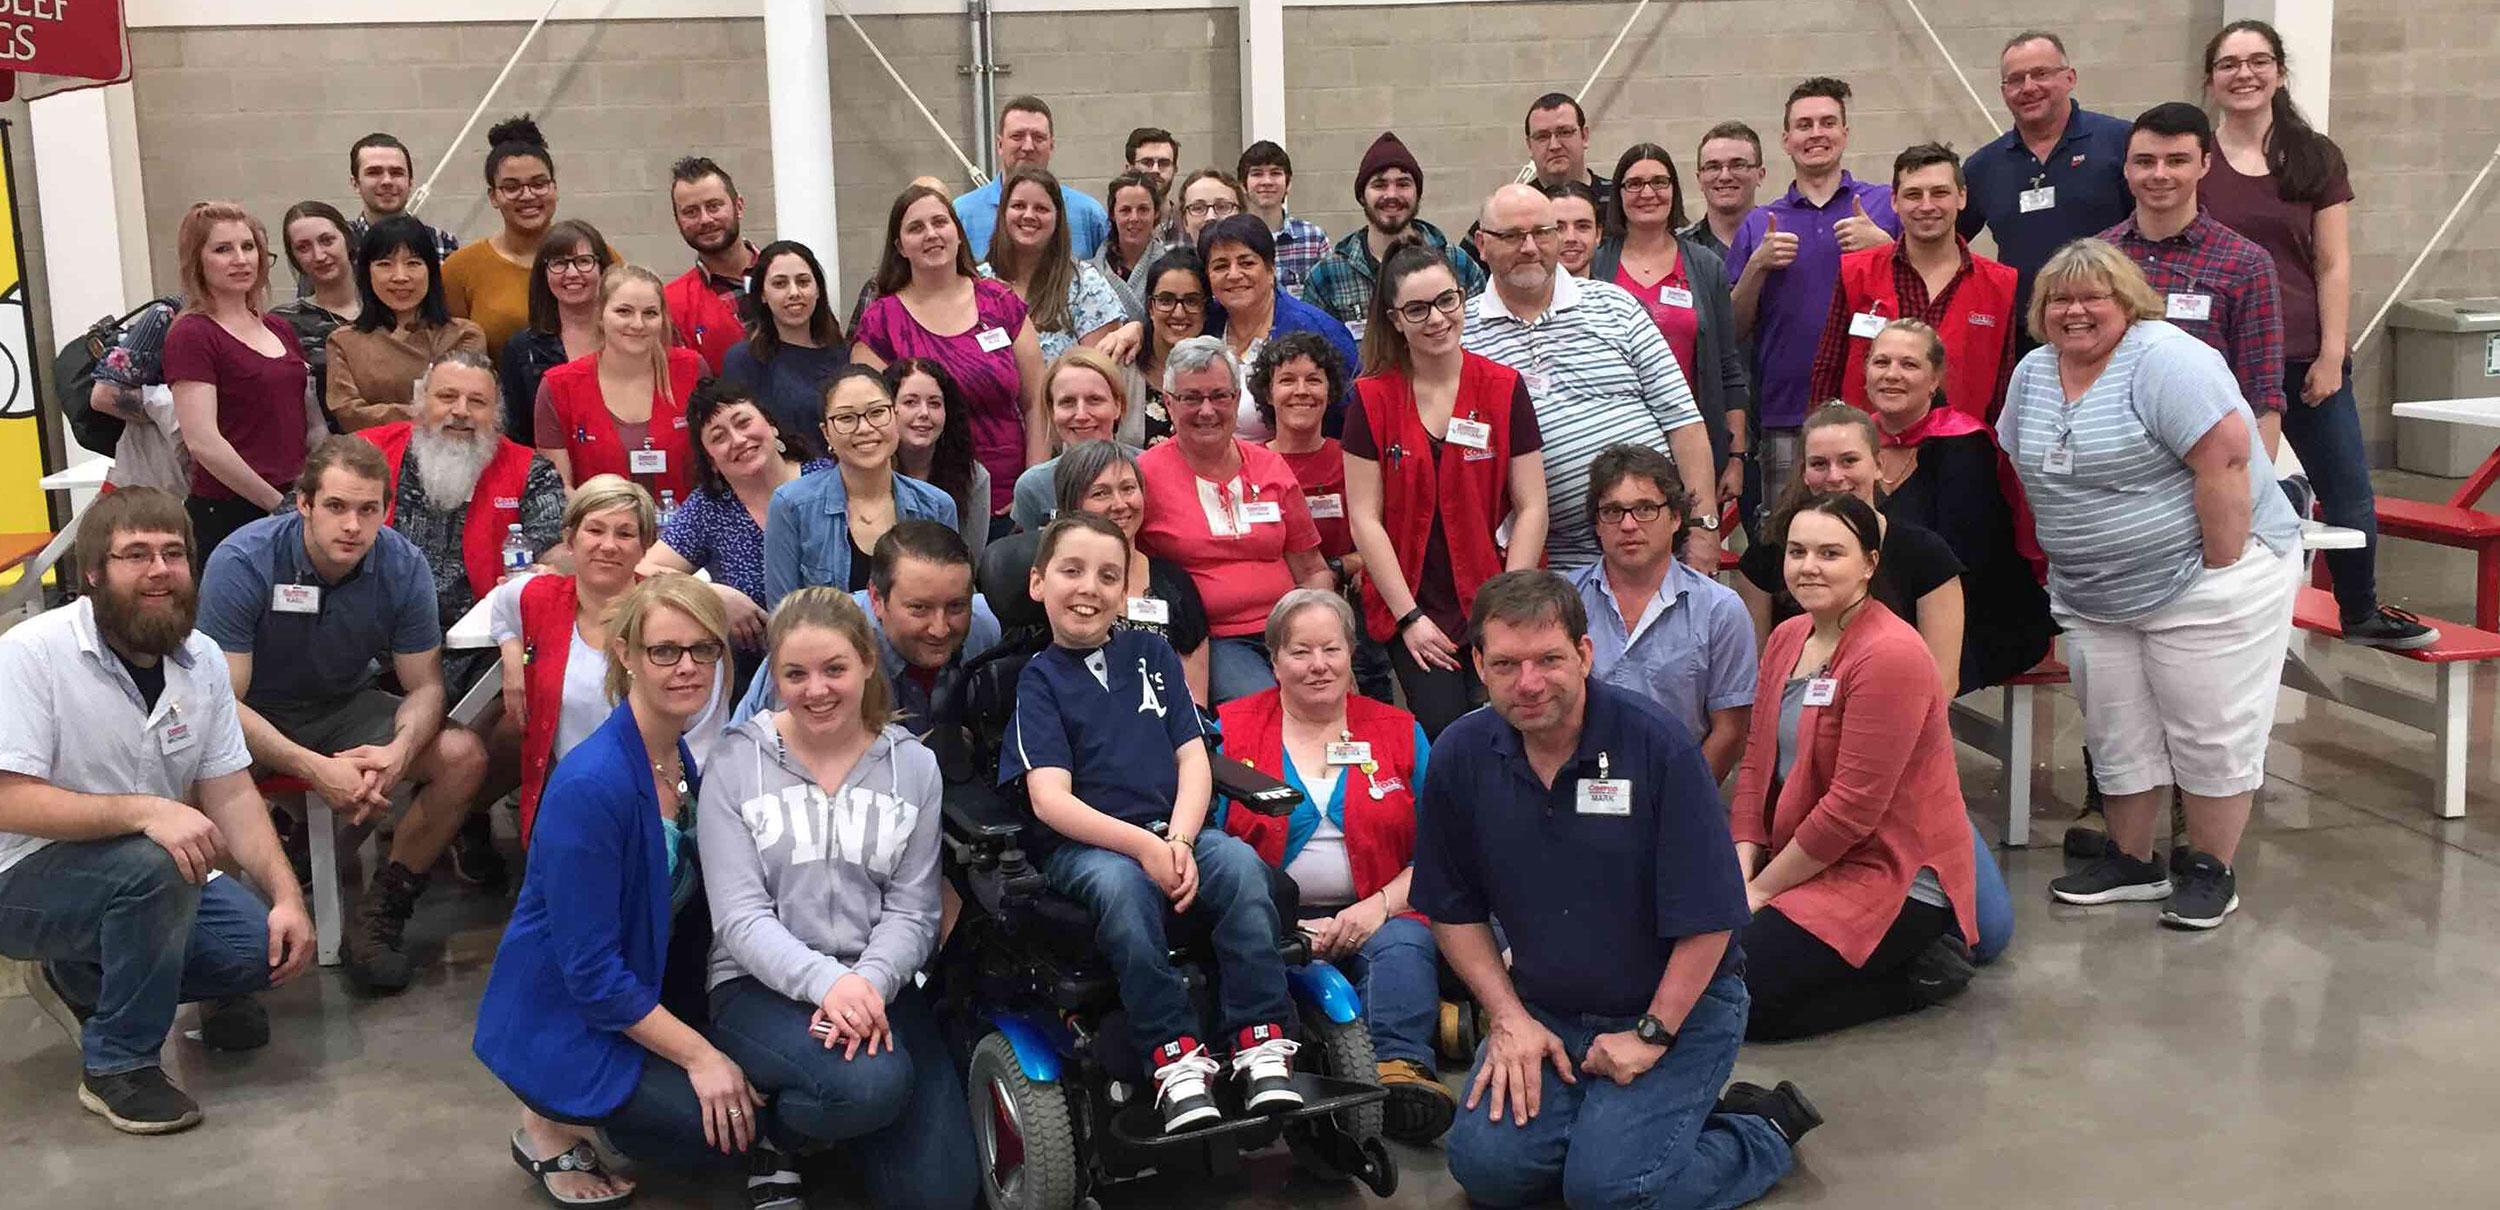 Grand groupe d'employés de Costco avec un champion